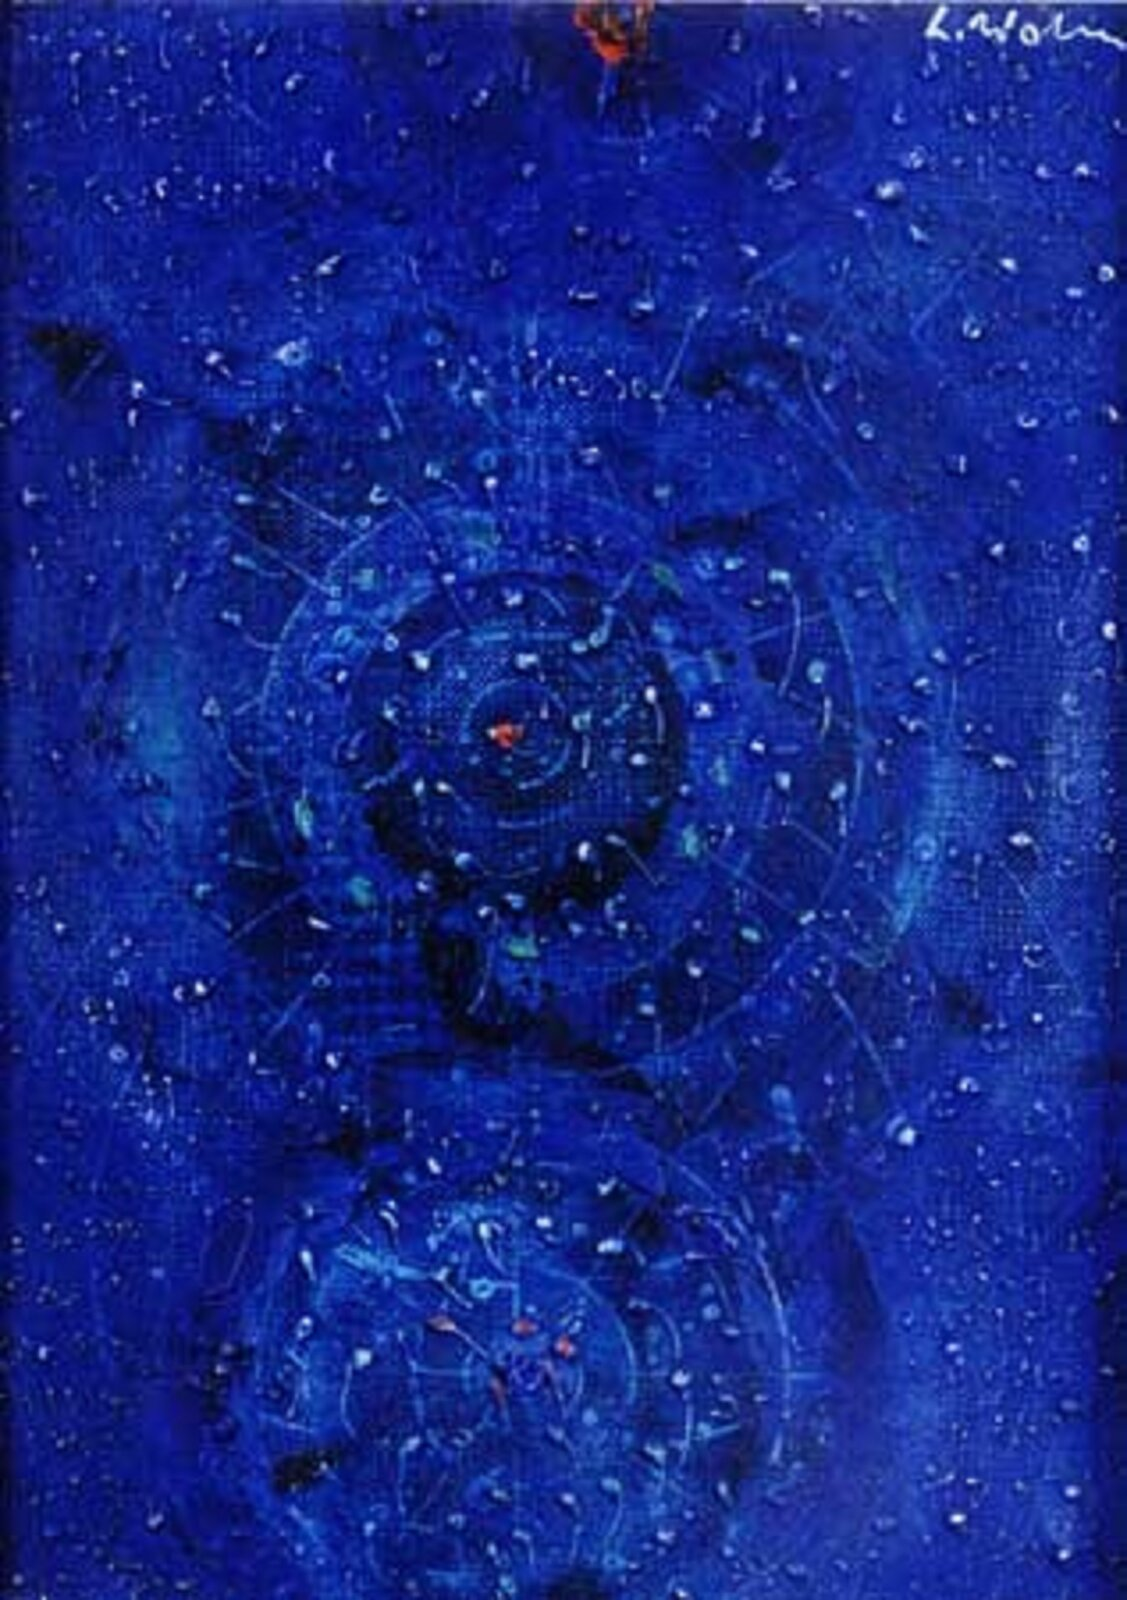 """Ilustracja przedstawia obraz Lecha Wolskiego pt. """"In octavo"""". Dzieło pochodzi z2005 roku. Wykonane zostało ono techniką malarstwo olejne. Na ilustracji znajduje się niebieskie tło. Widoczne są na nim malutkie kropki. Wyglądem przypomina gwiaździste niebo. Autorem obrazu jest absolwent Wydziału Sztuk Pięknych UMK wToruniu."""